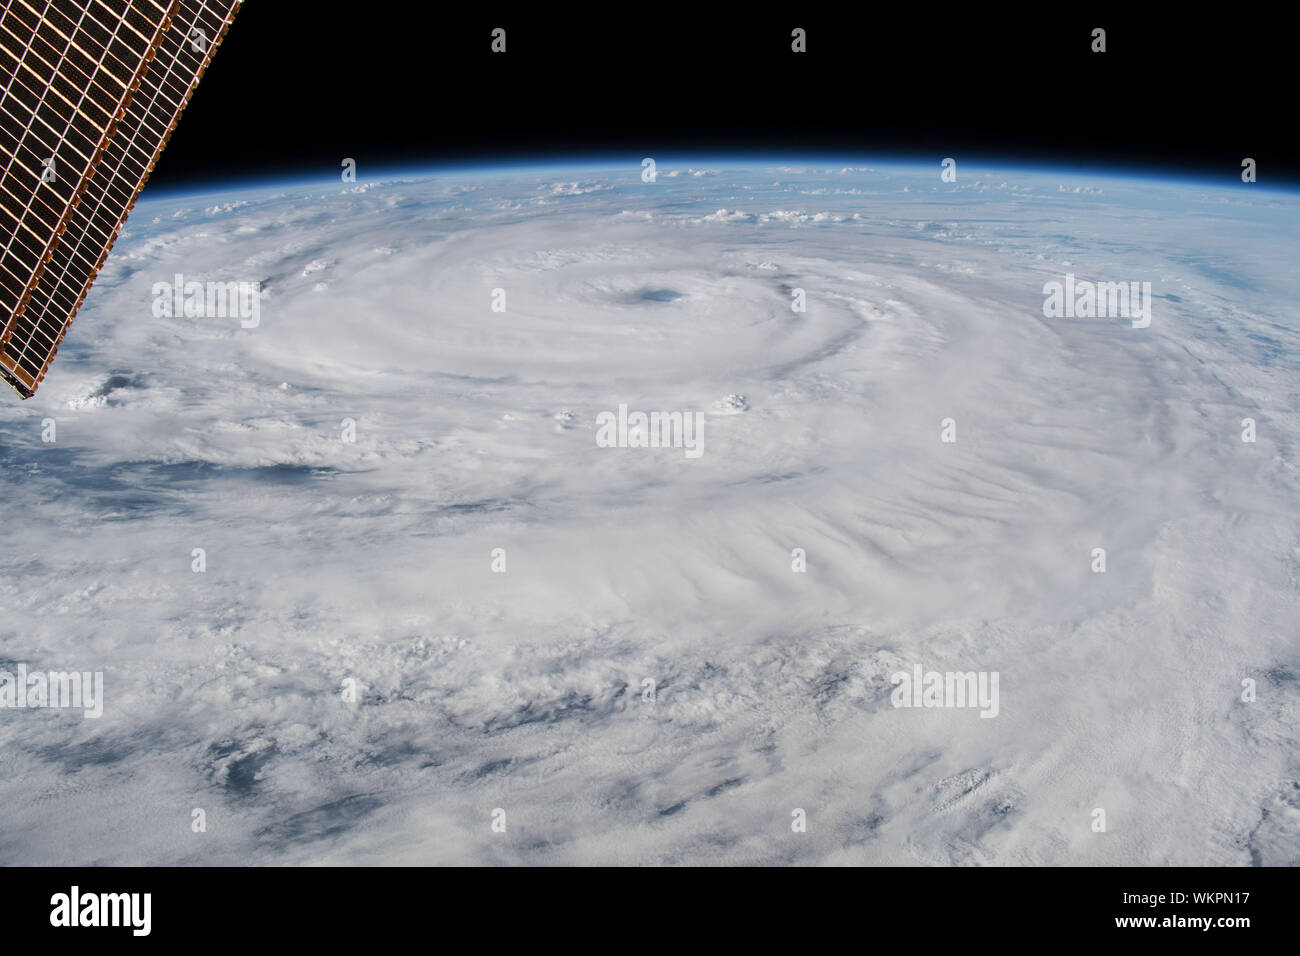 Hurricane Florence, category 4, September 12, 2018, near coast of North & South Carolina, by NASA, ISS/DPA Stock Photo